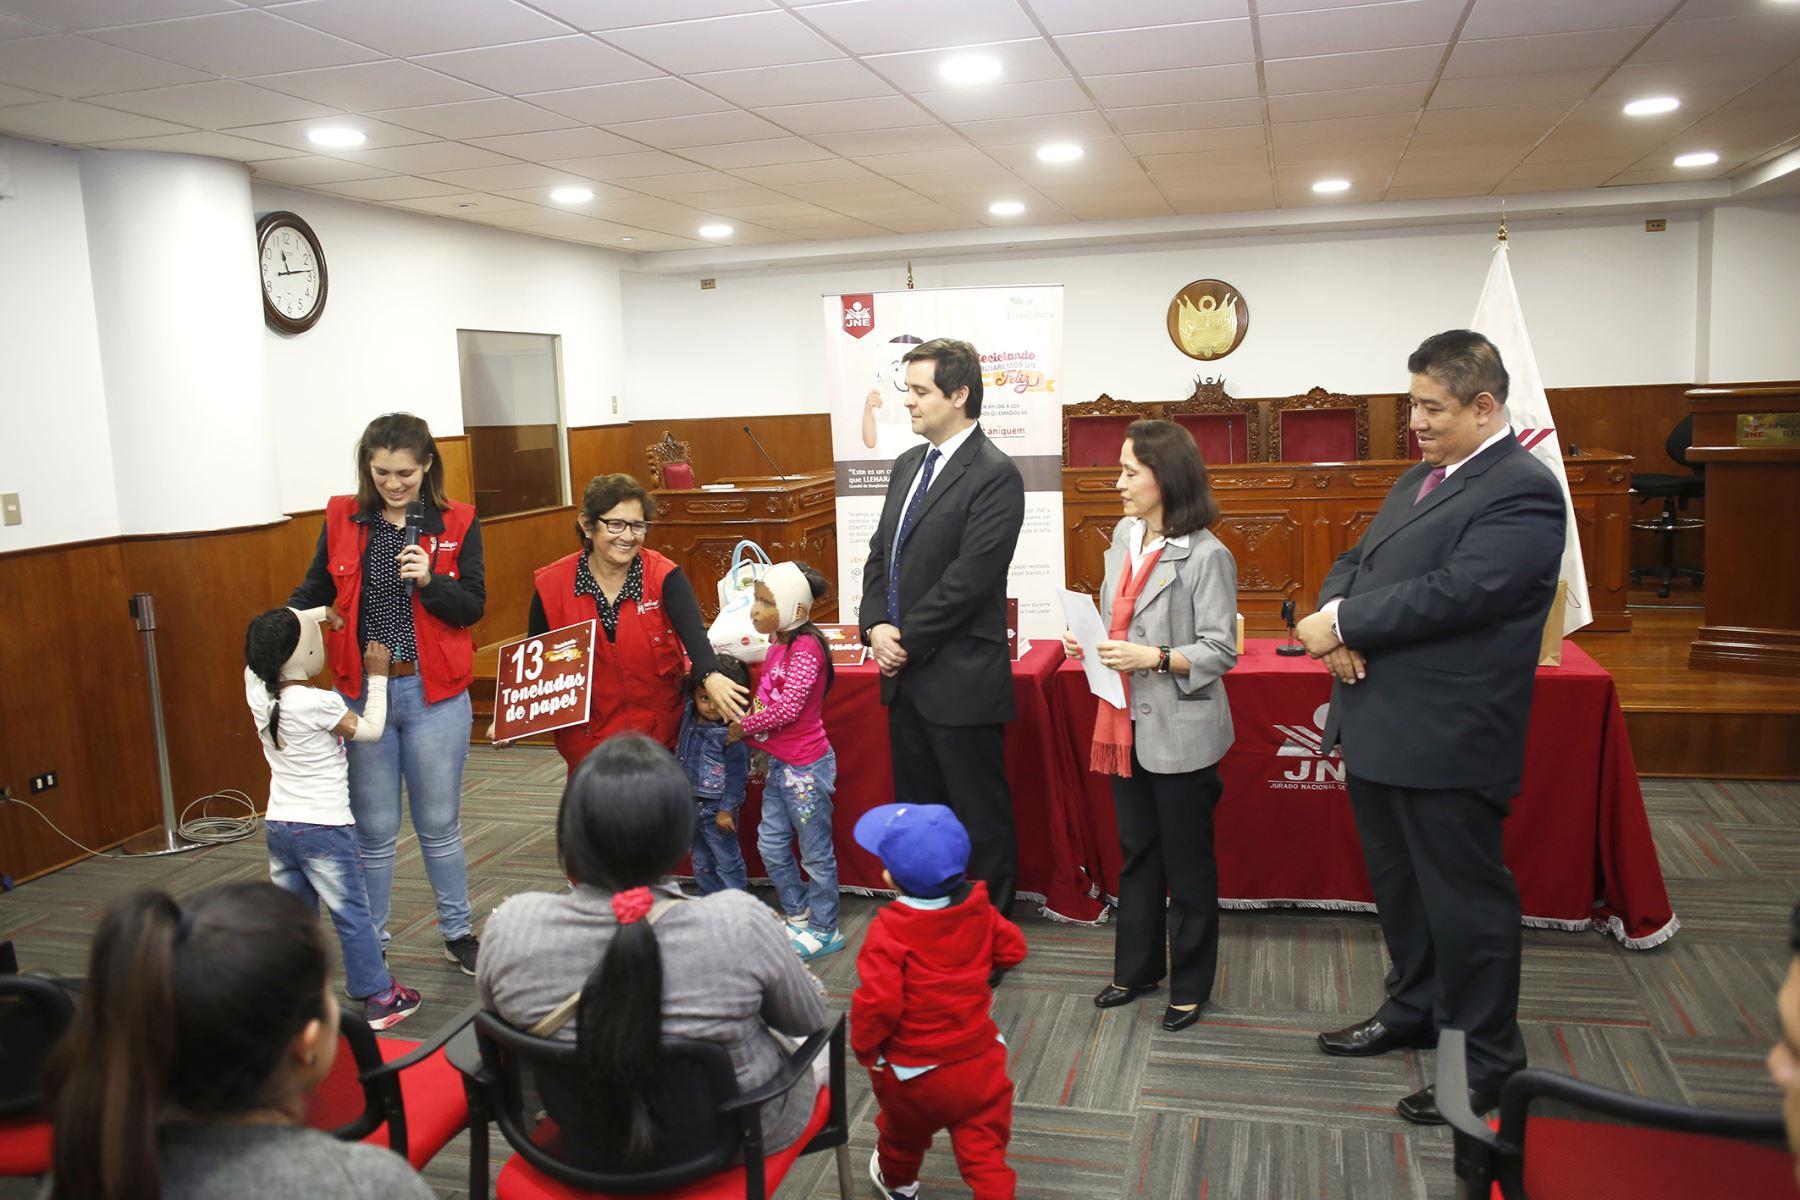 Entrega de donación de papel reciclado a favor de niños de Aniquem.